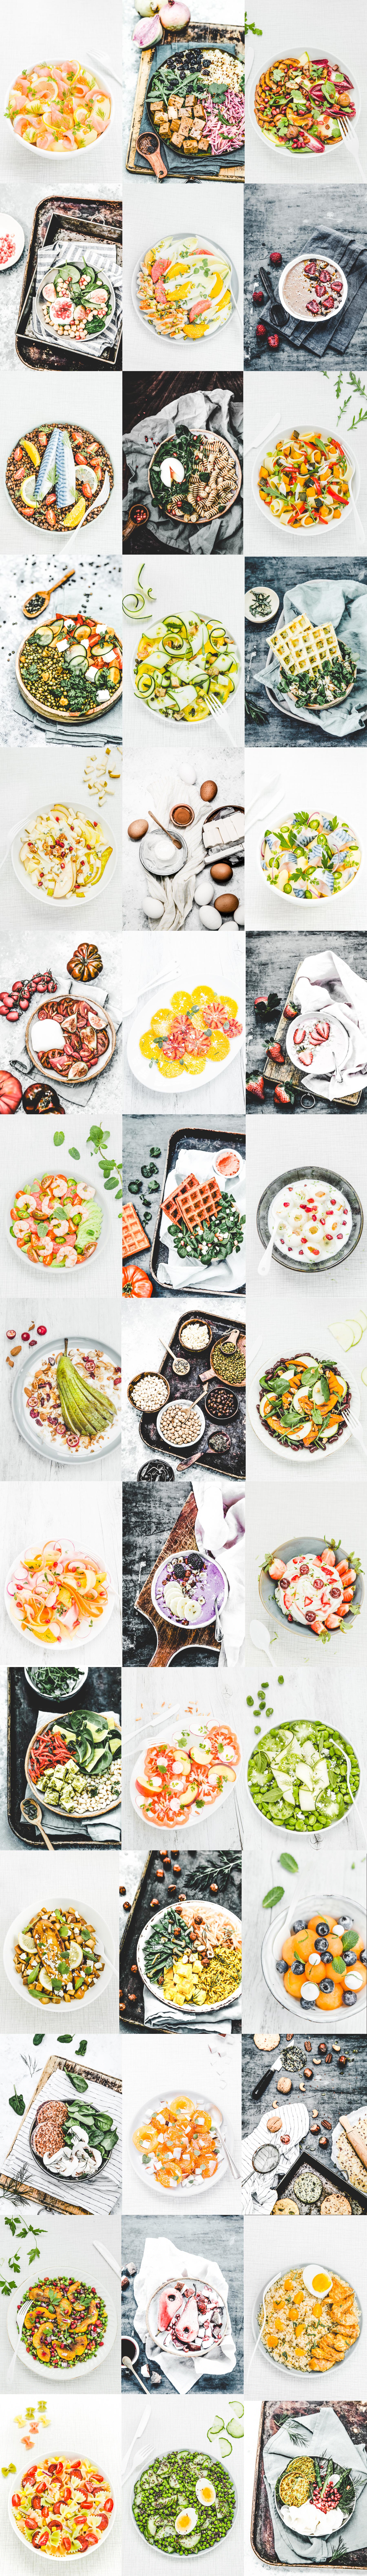 recettes de salades bowls veggies, de la mer, légumineuses, féculents, produits laitiers, sucrés salés, desserts printemps-été-automne-hiver